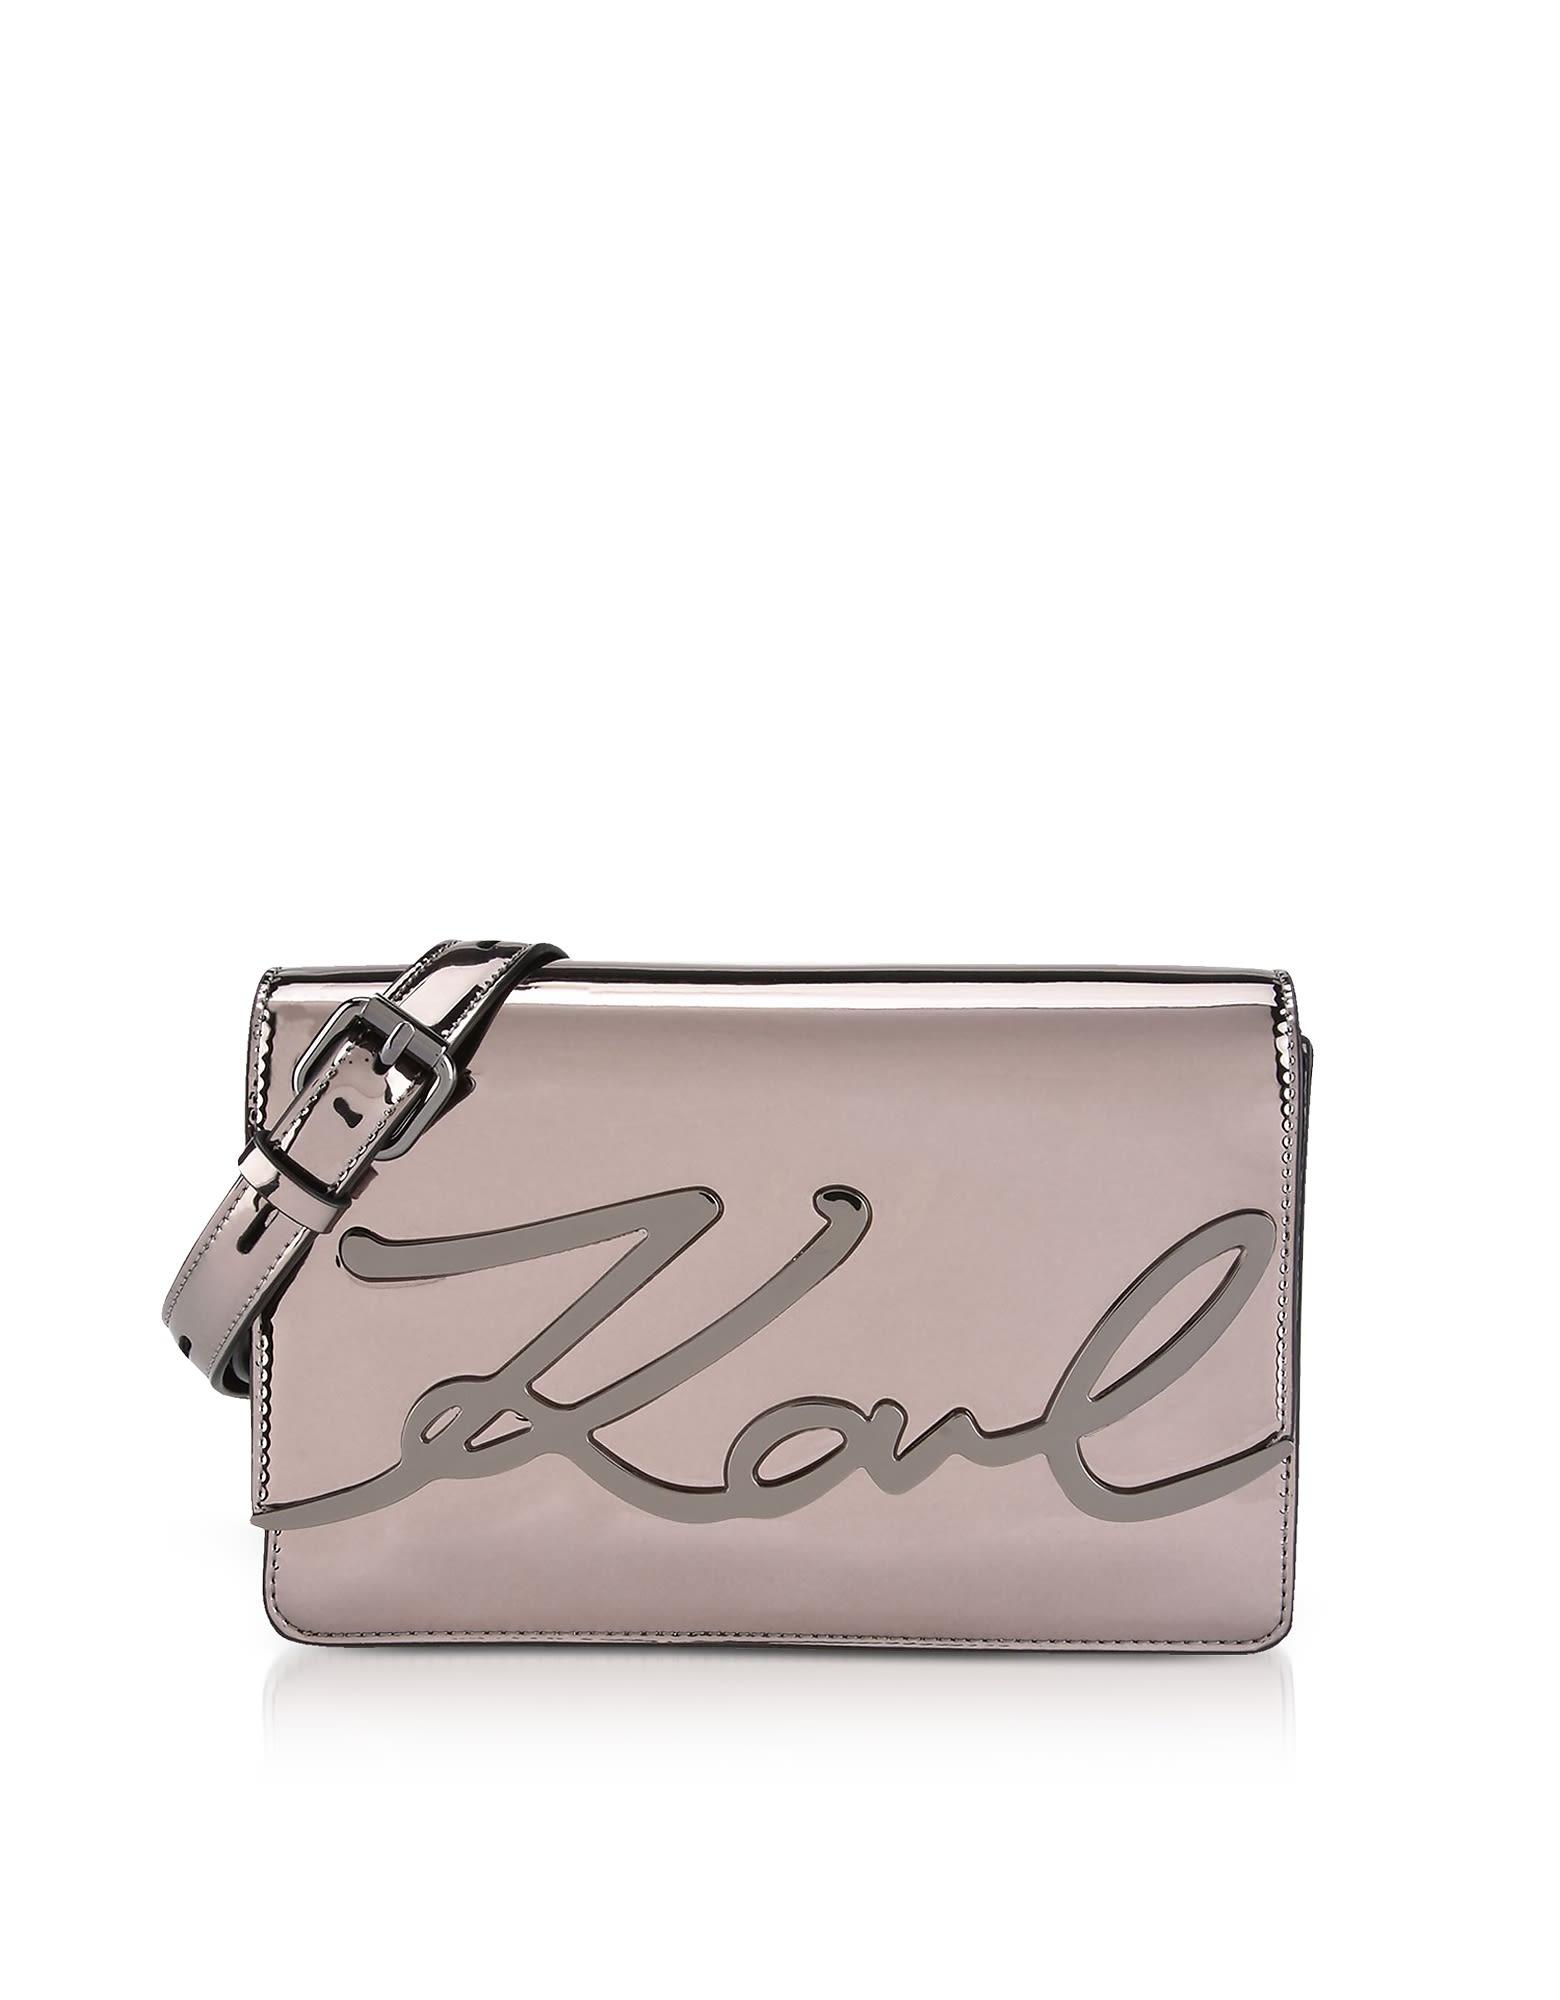 Karl Lagerfeld K / Brillant Sac À Bandoulière En Cuir Signature Bronze Éco Sast Pas Cher En Ligne ur2rOj